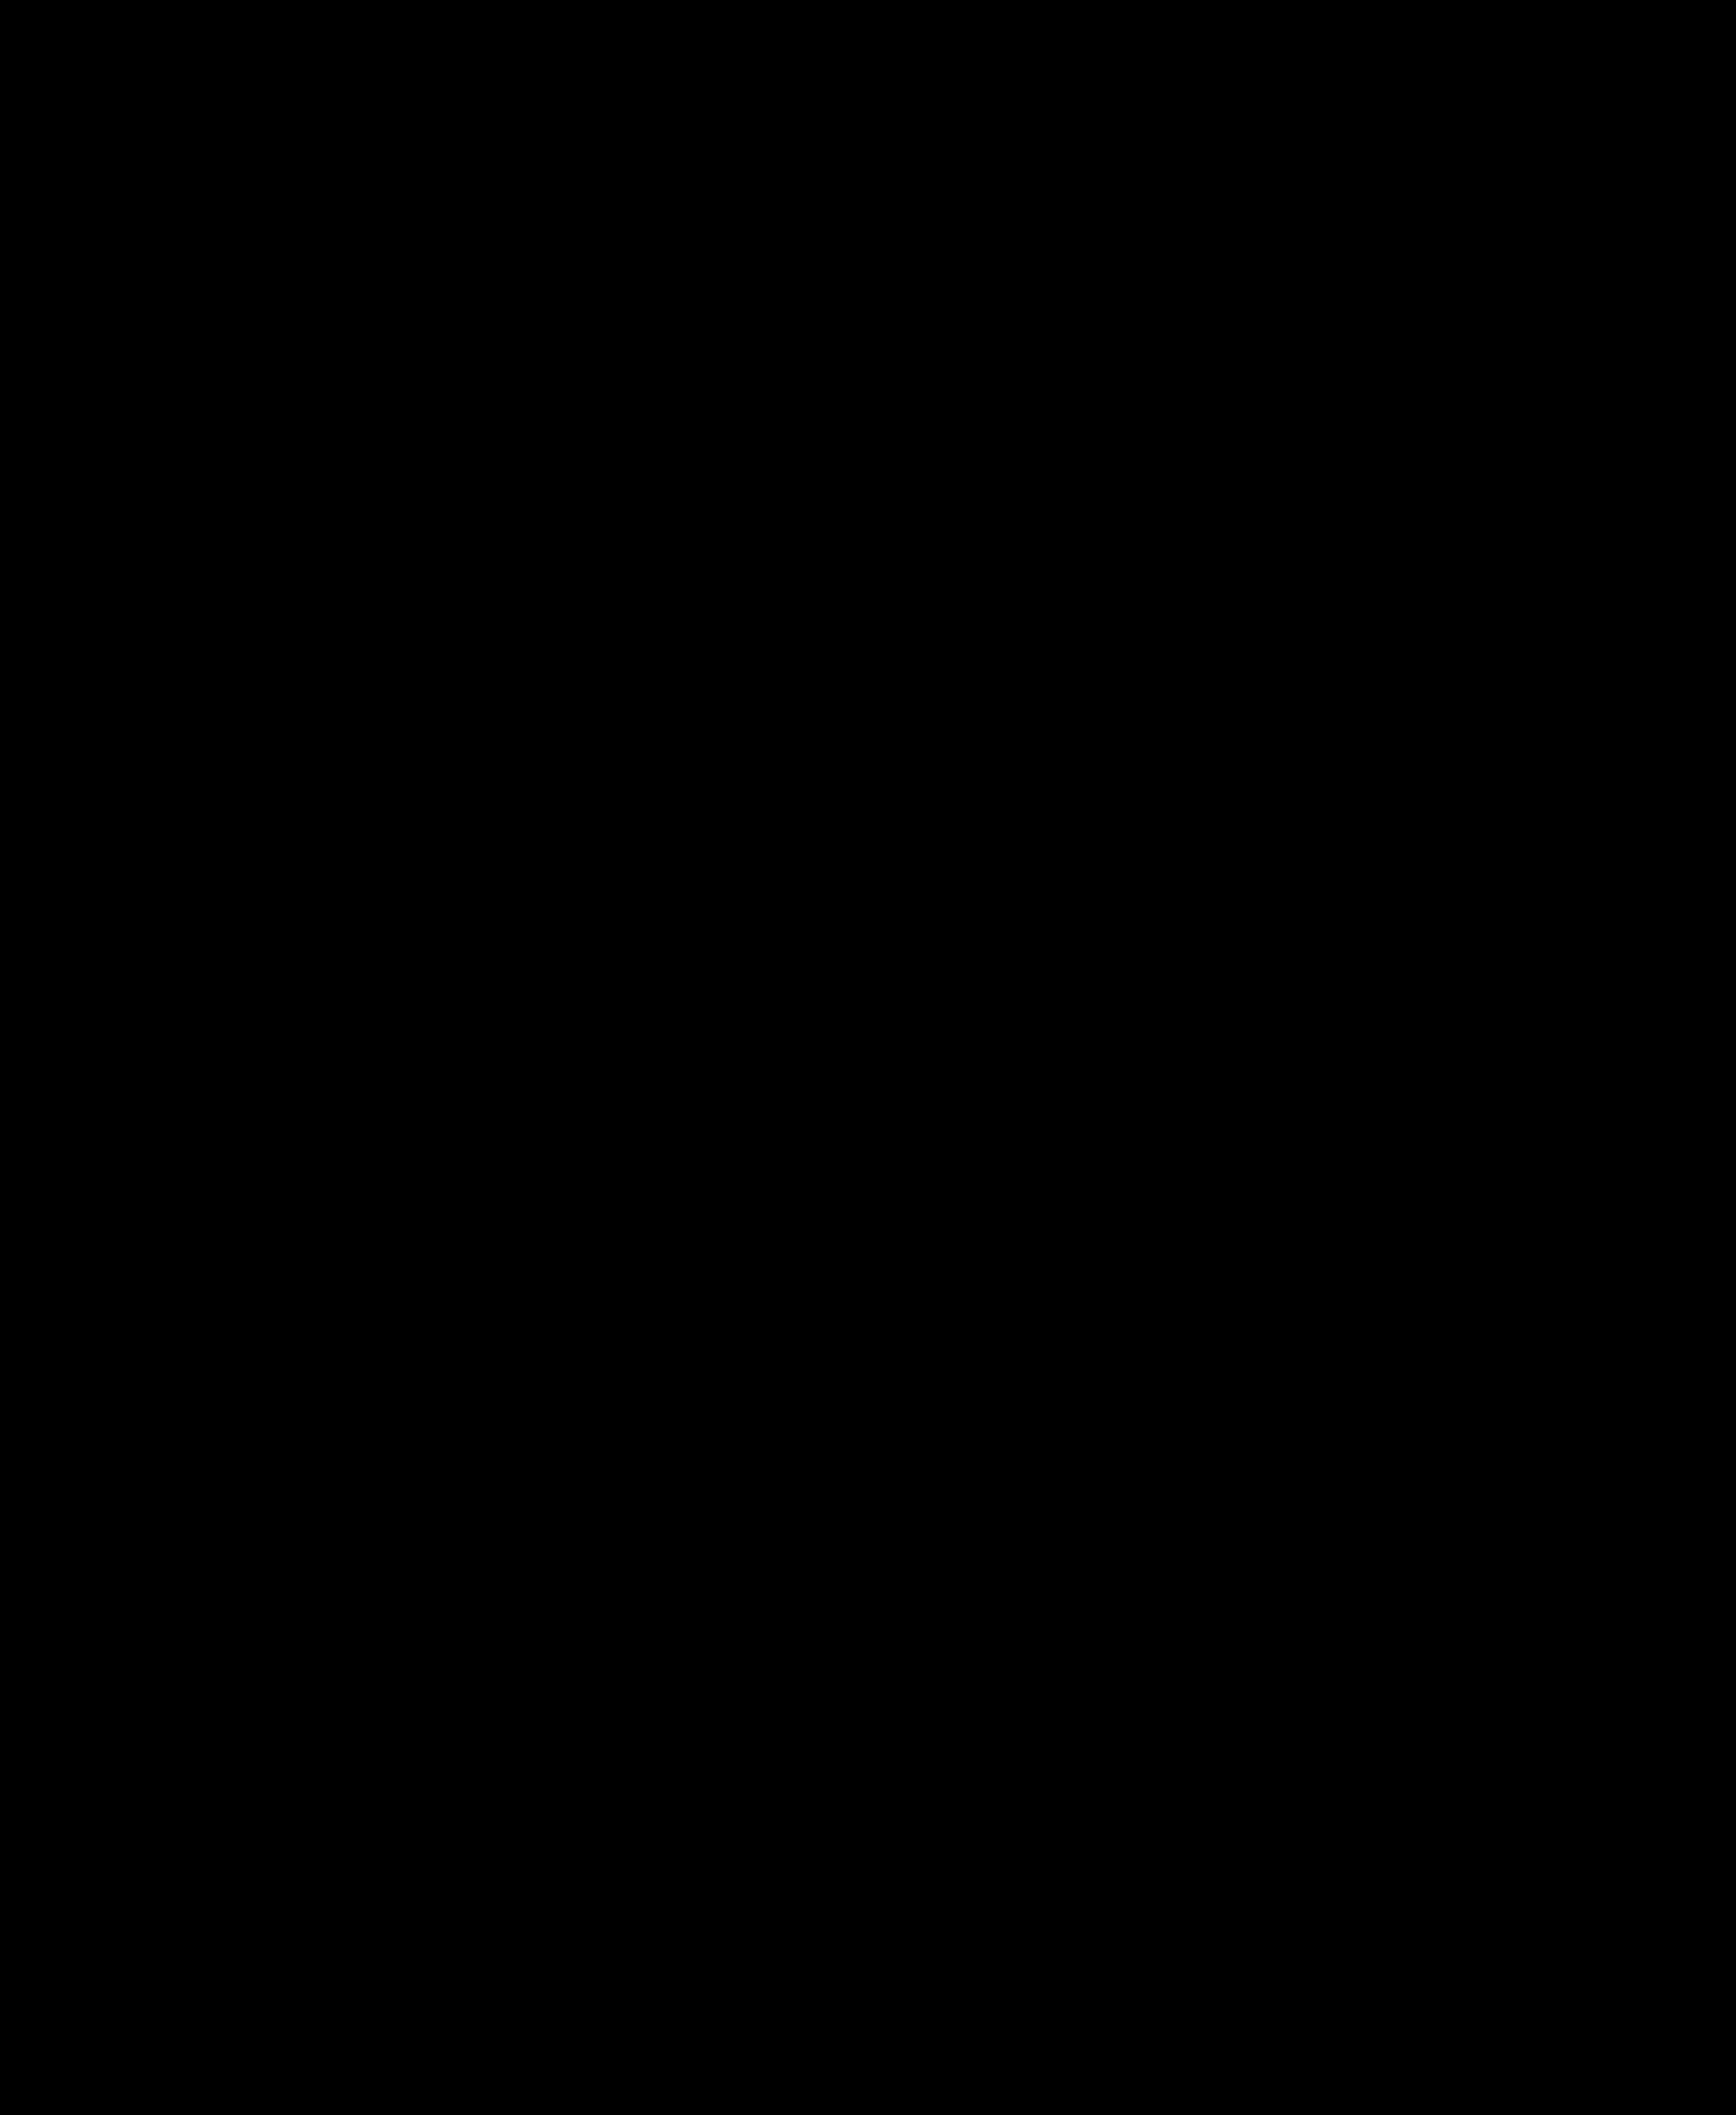 logos-entreprises-présentes